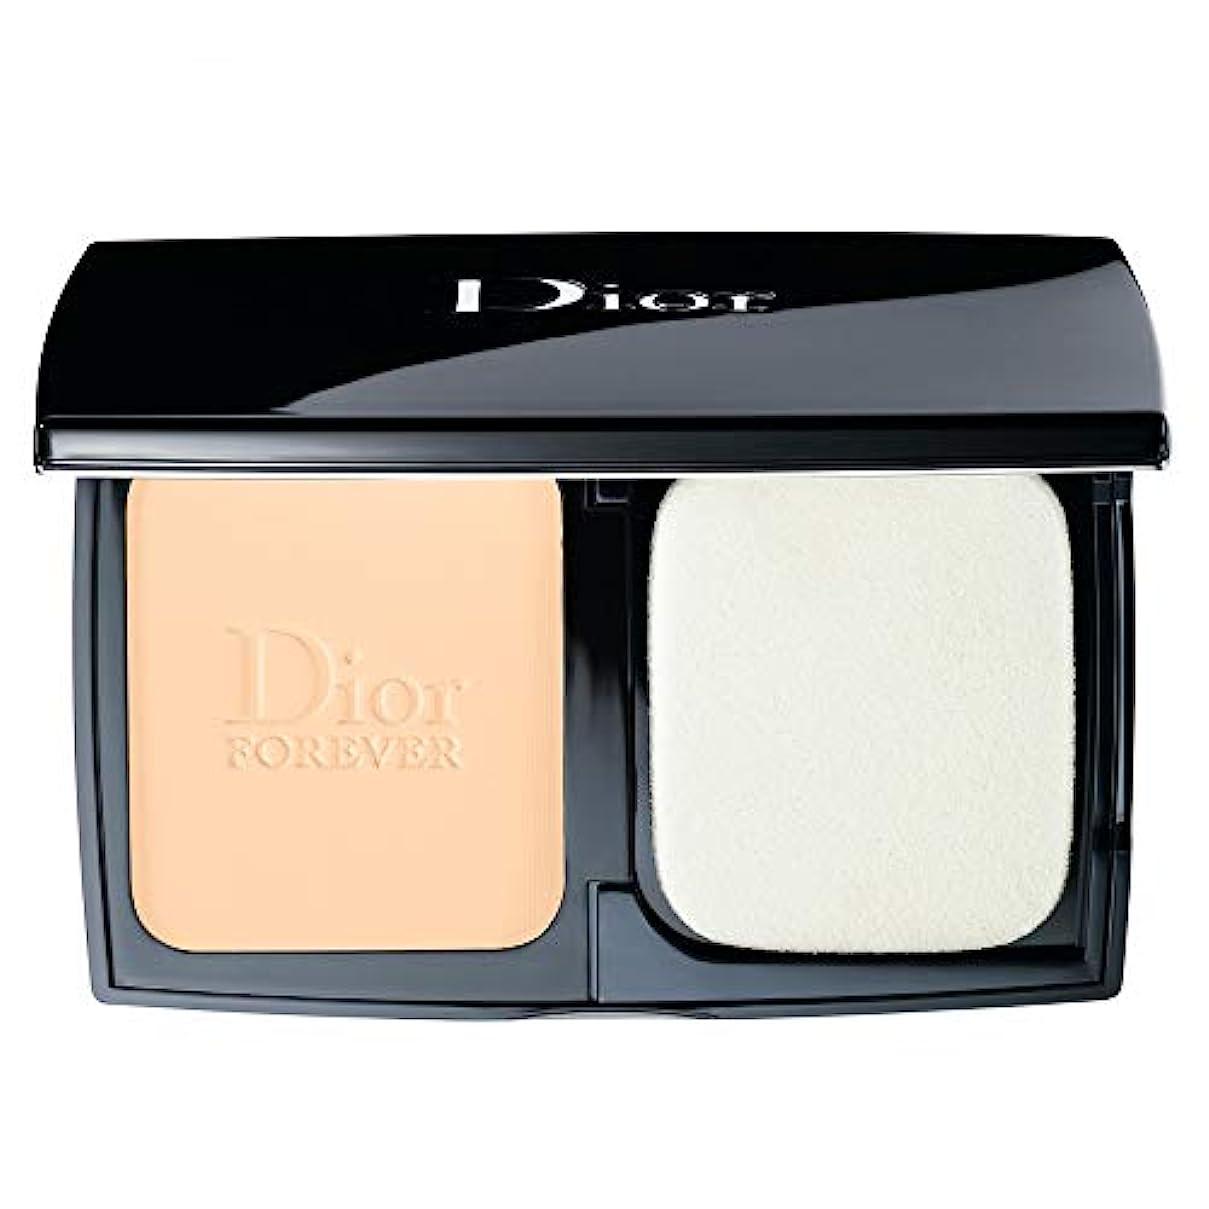 ダイヤル法医学キラウエア山クリスチャンディオール Diorskin Forever Extreme Control Perfect Matte Powder Makeup SPF 20 - # 010 Ivory 9g/0.31oz並行輸入品